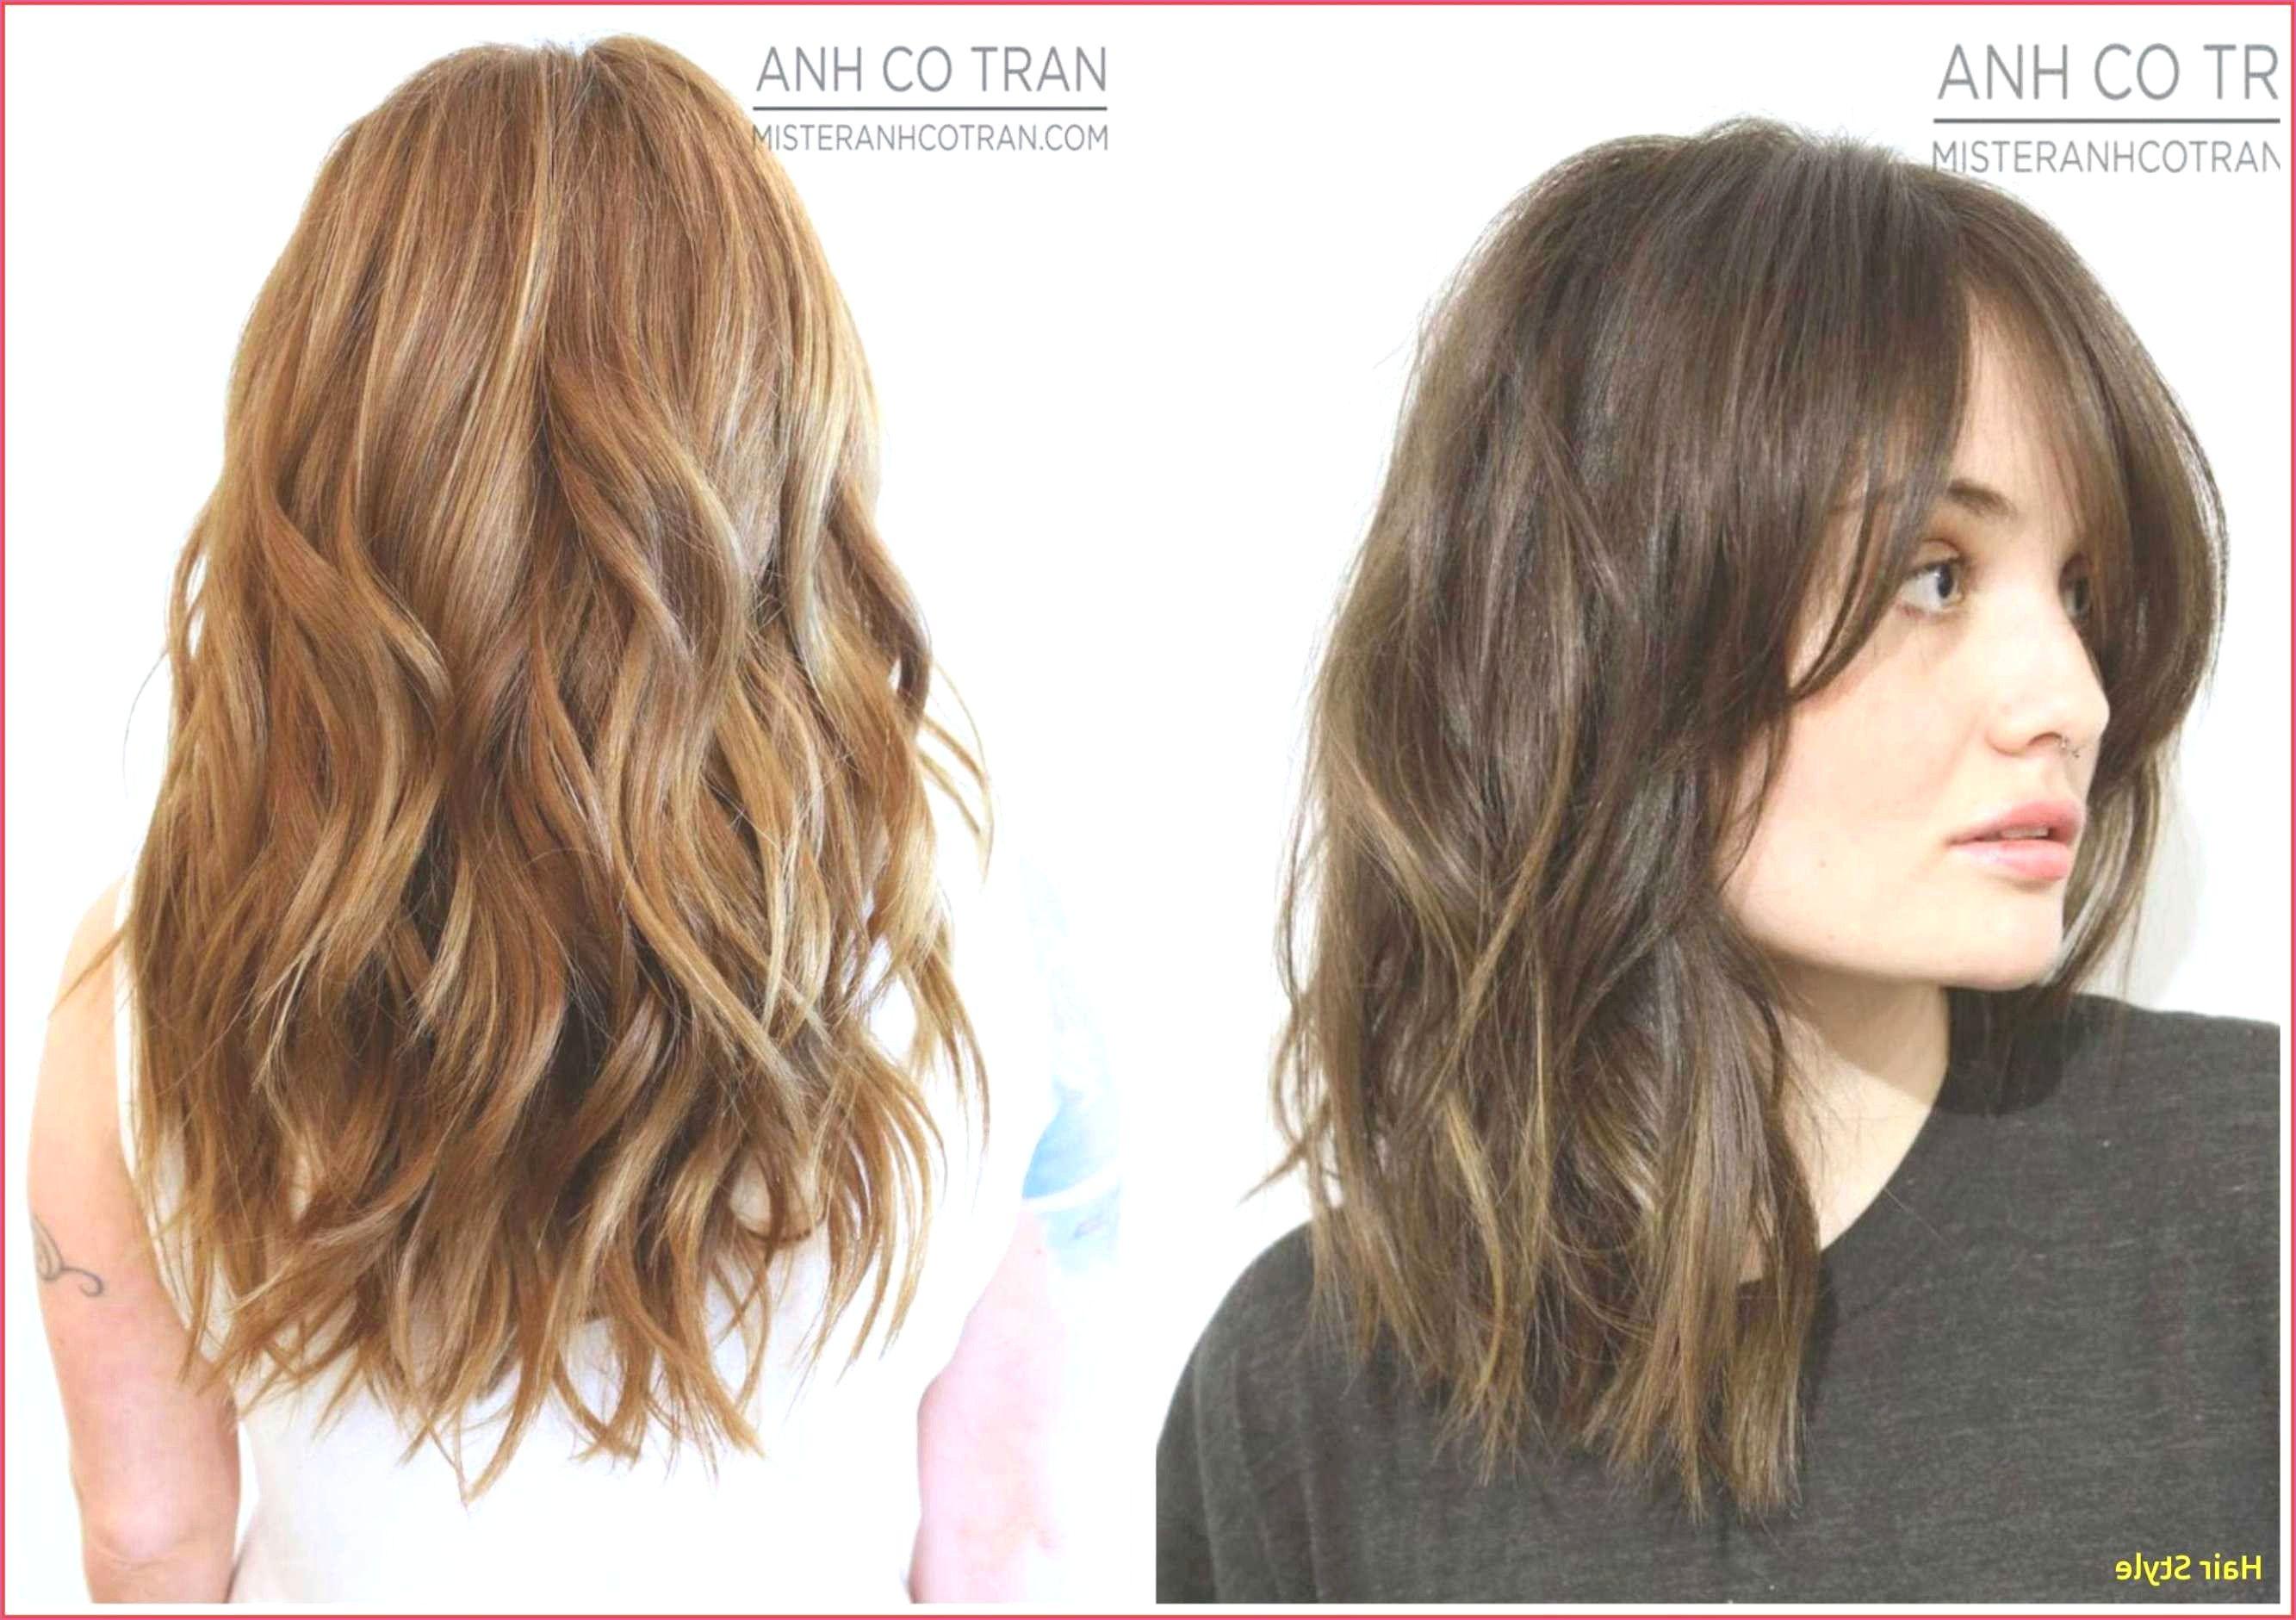 Kurzhaarfrisuren Dickes Haar Damen in 9  Lange haare, Frisuren